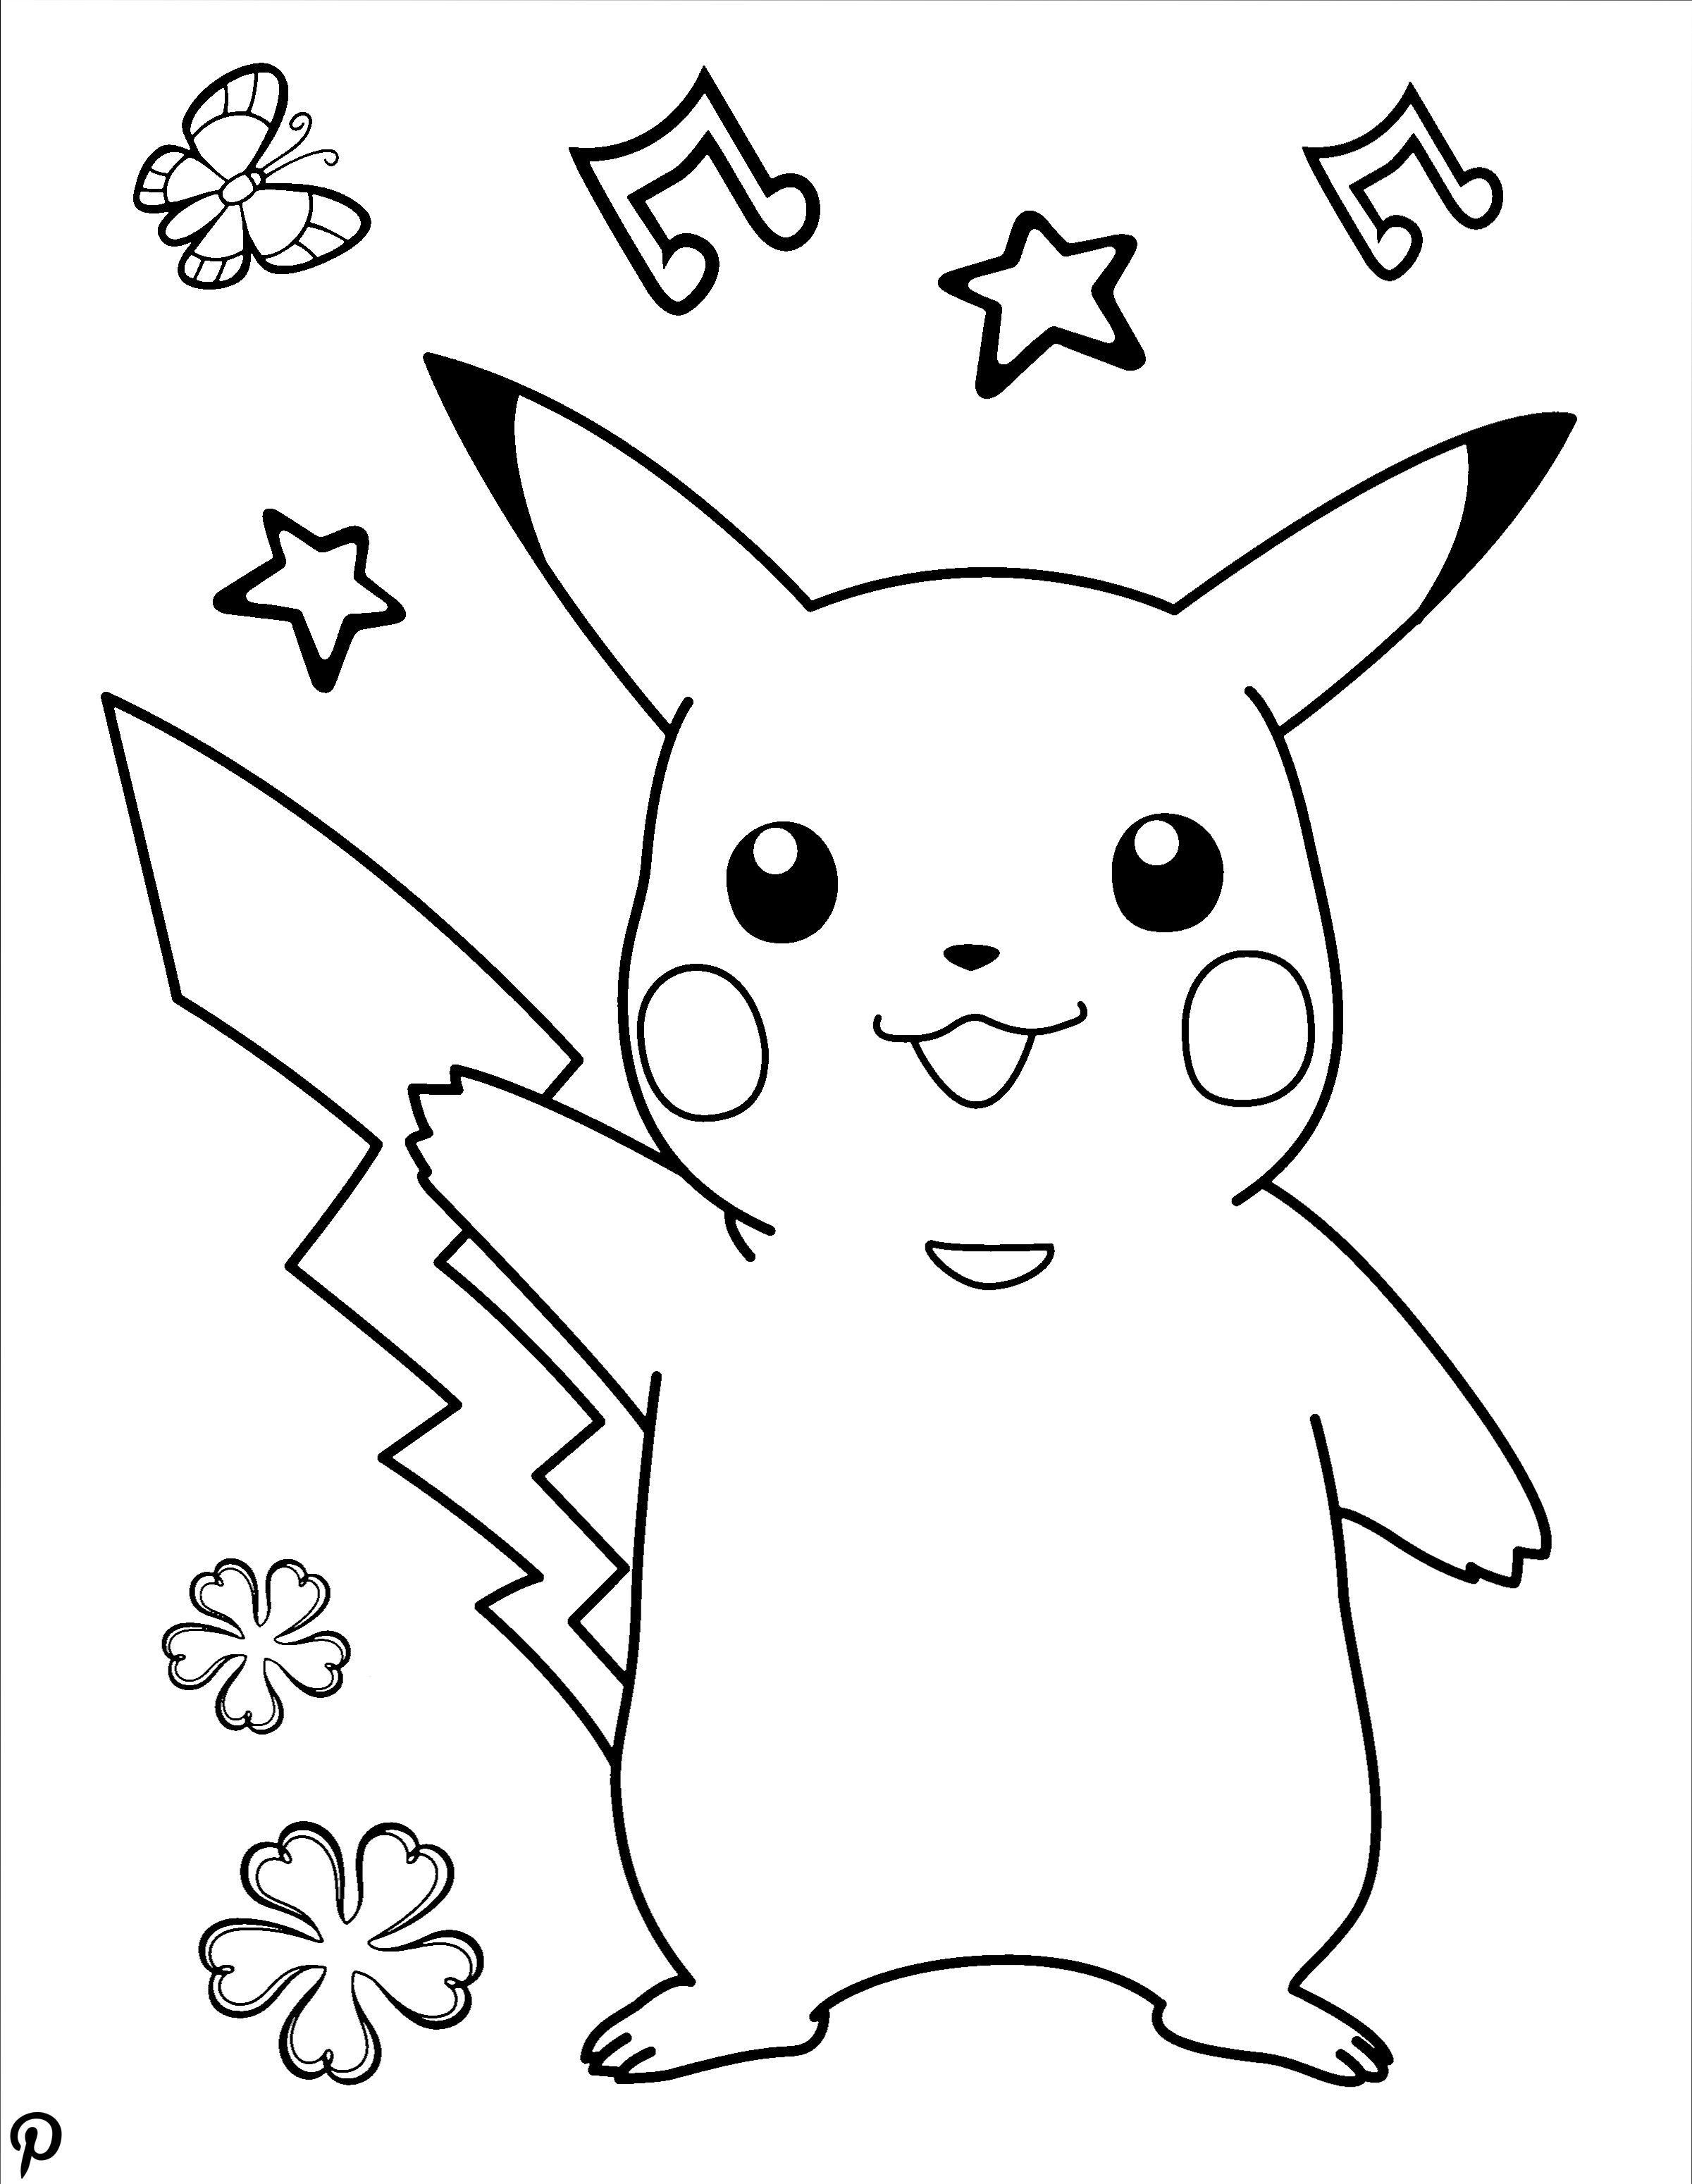 pikachu malvorlage zum ausdrucken  kinder ausmalbilder